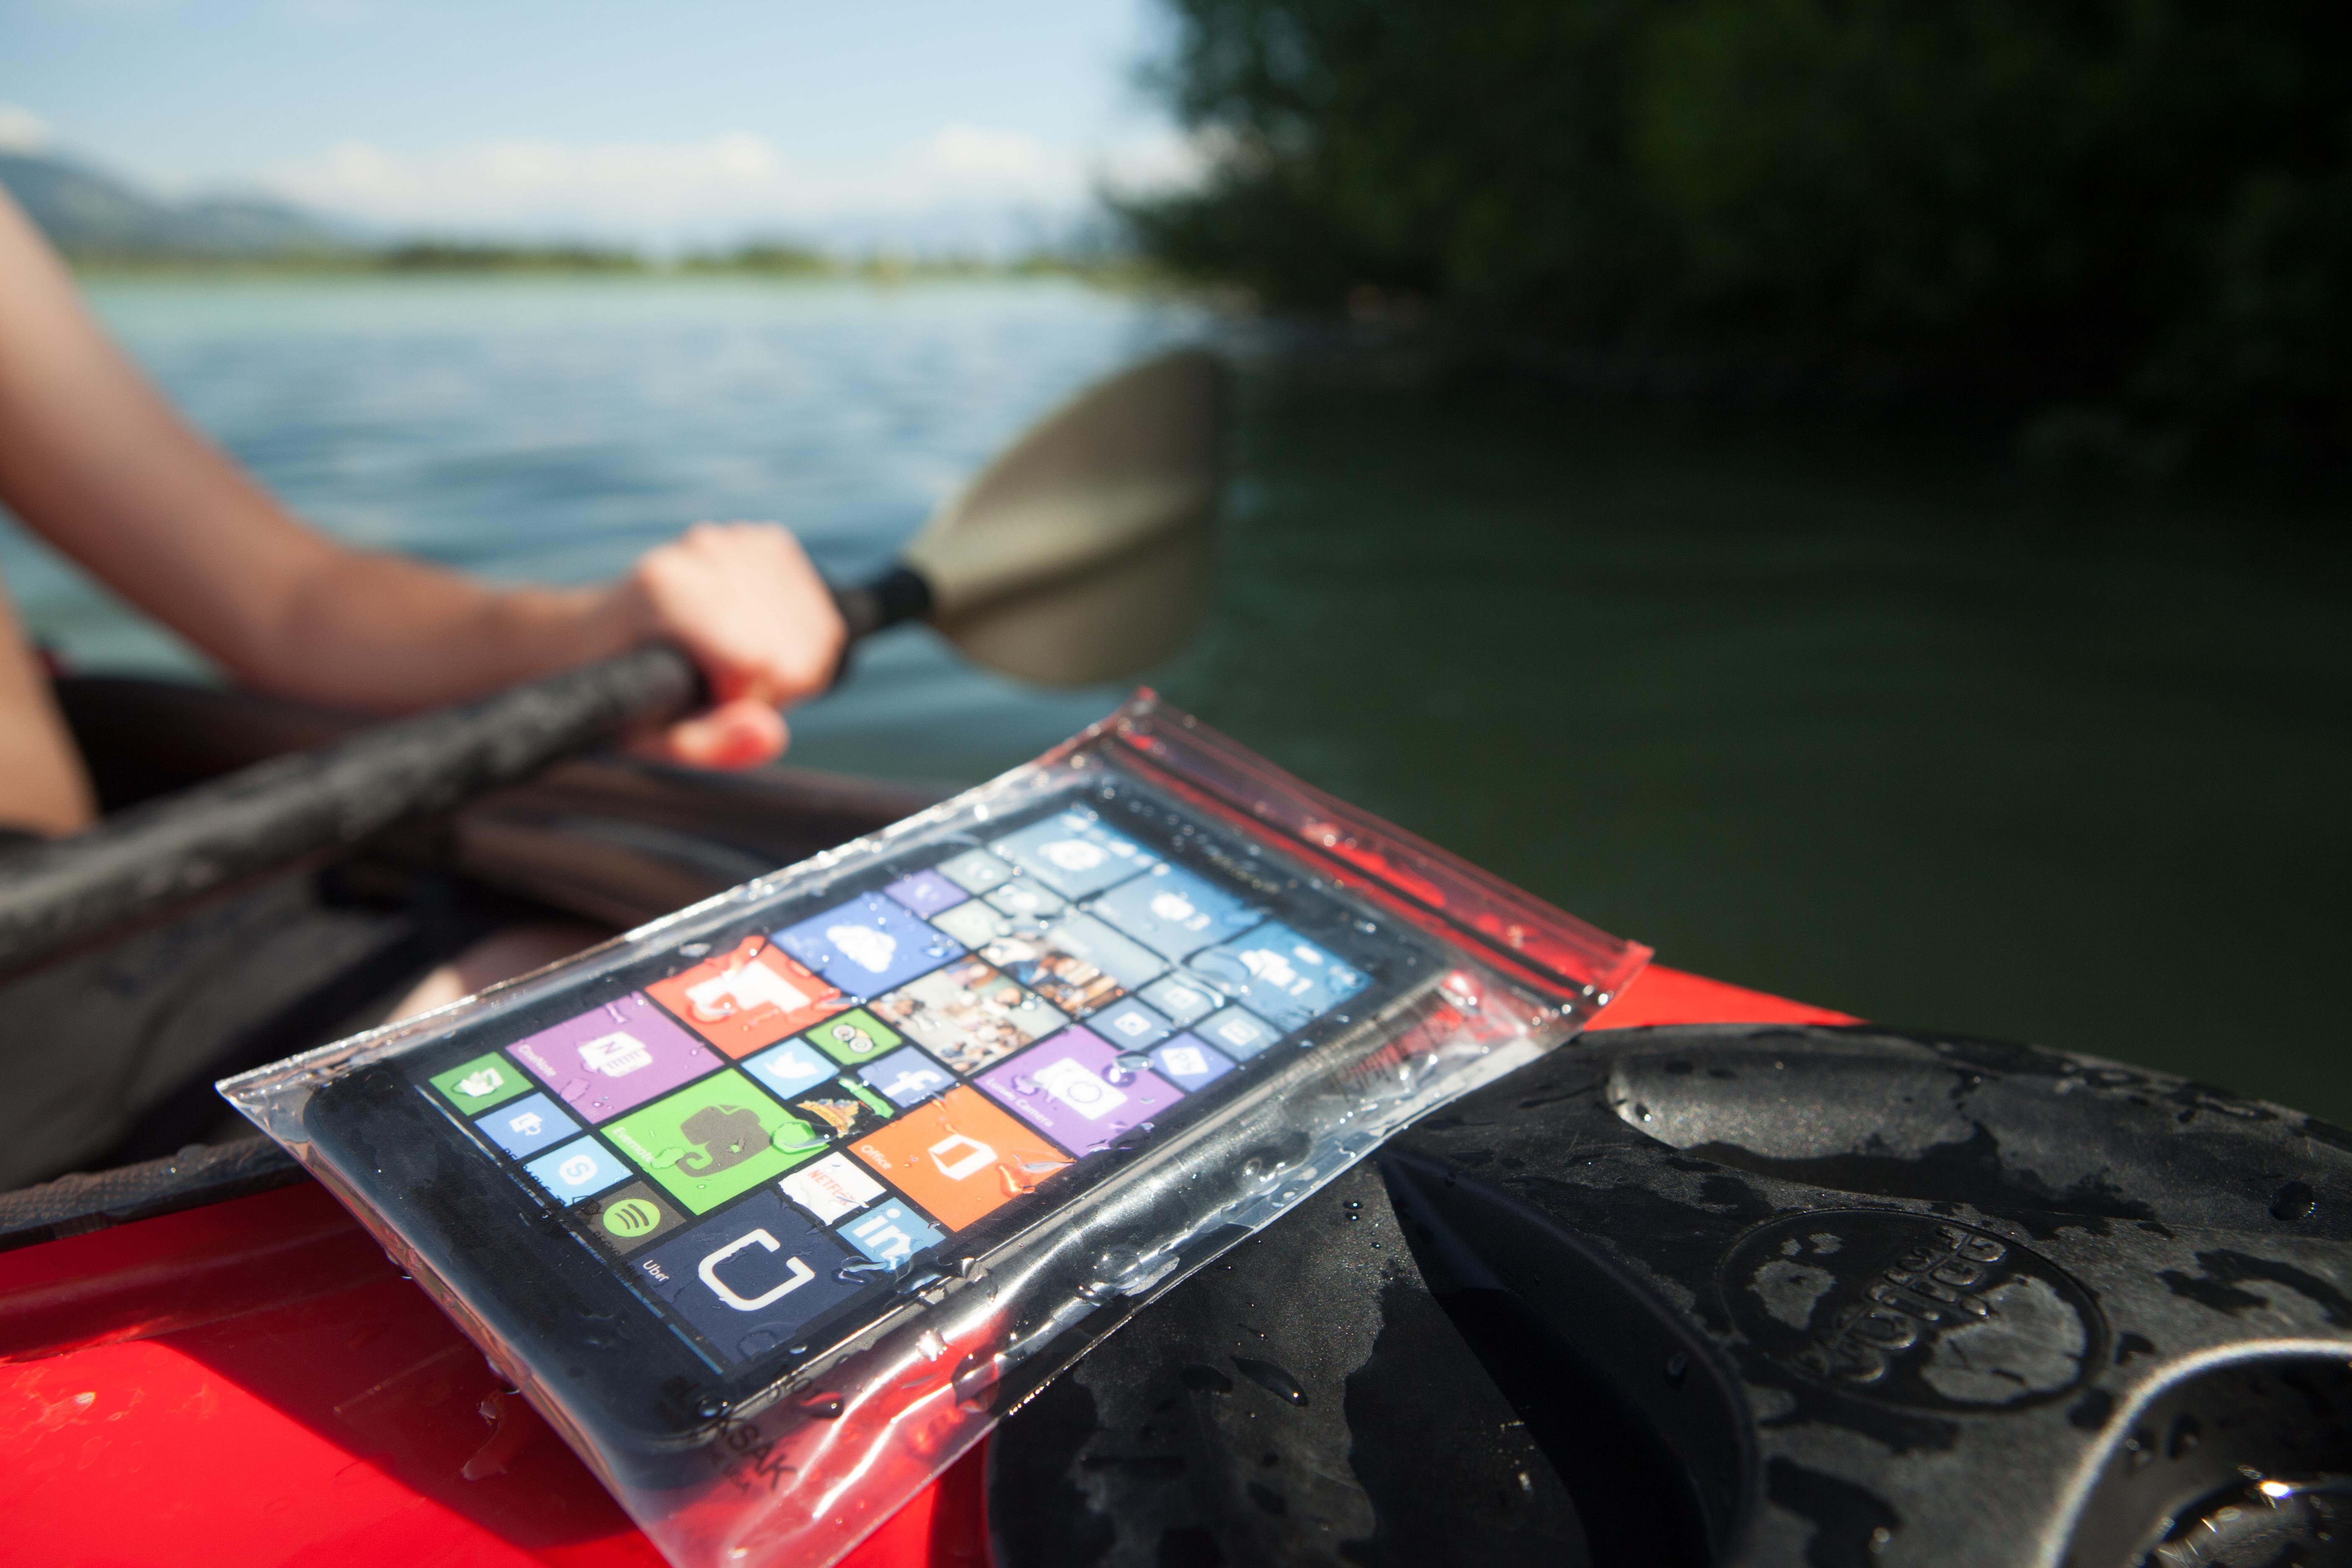 Outdoor-Gadgets für aktive Ferientage